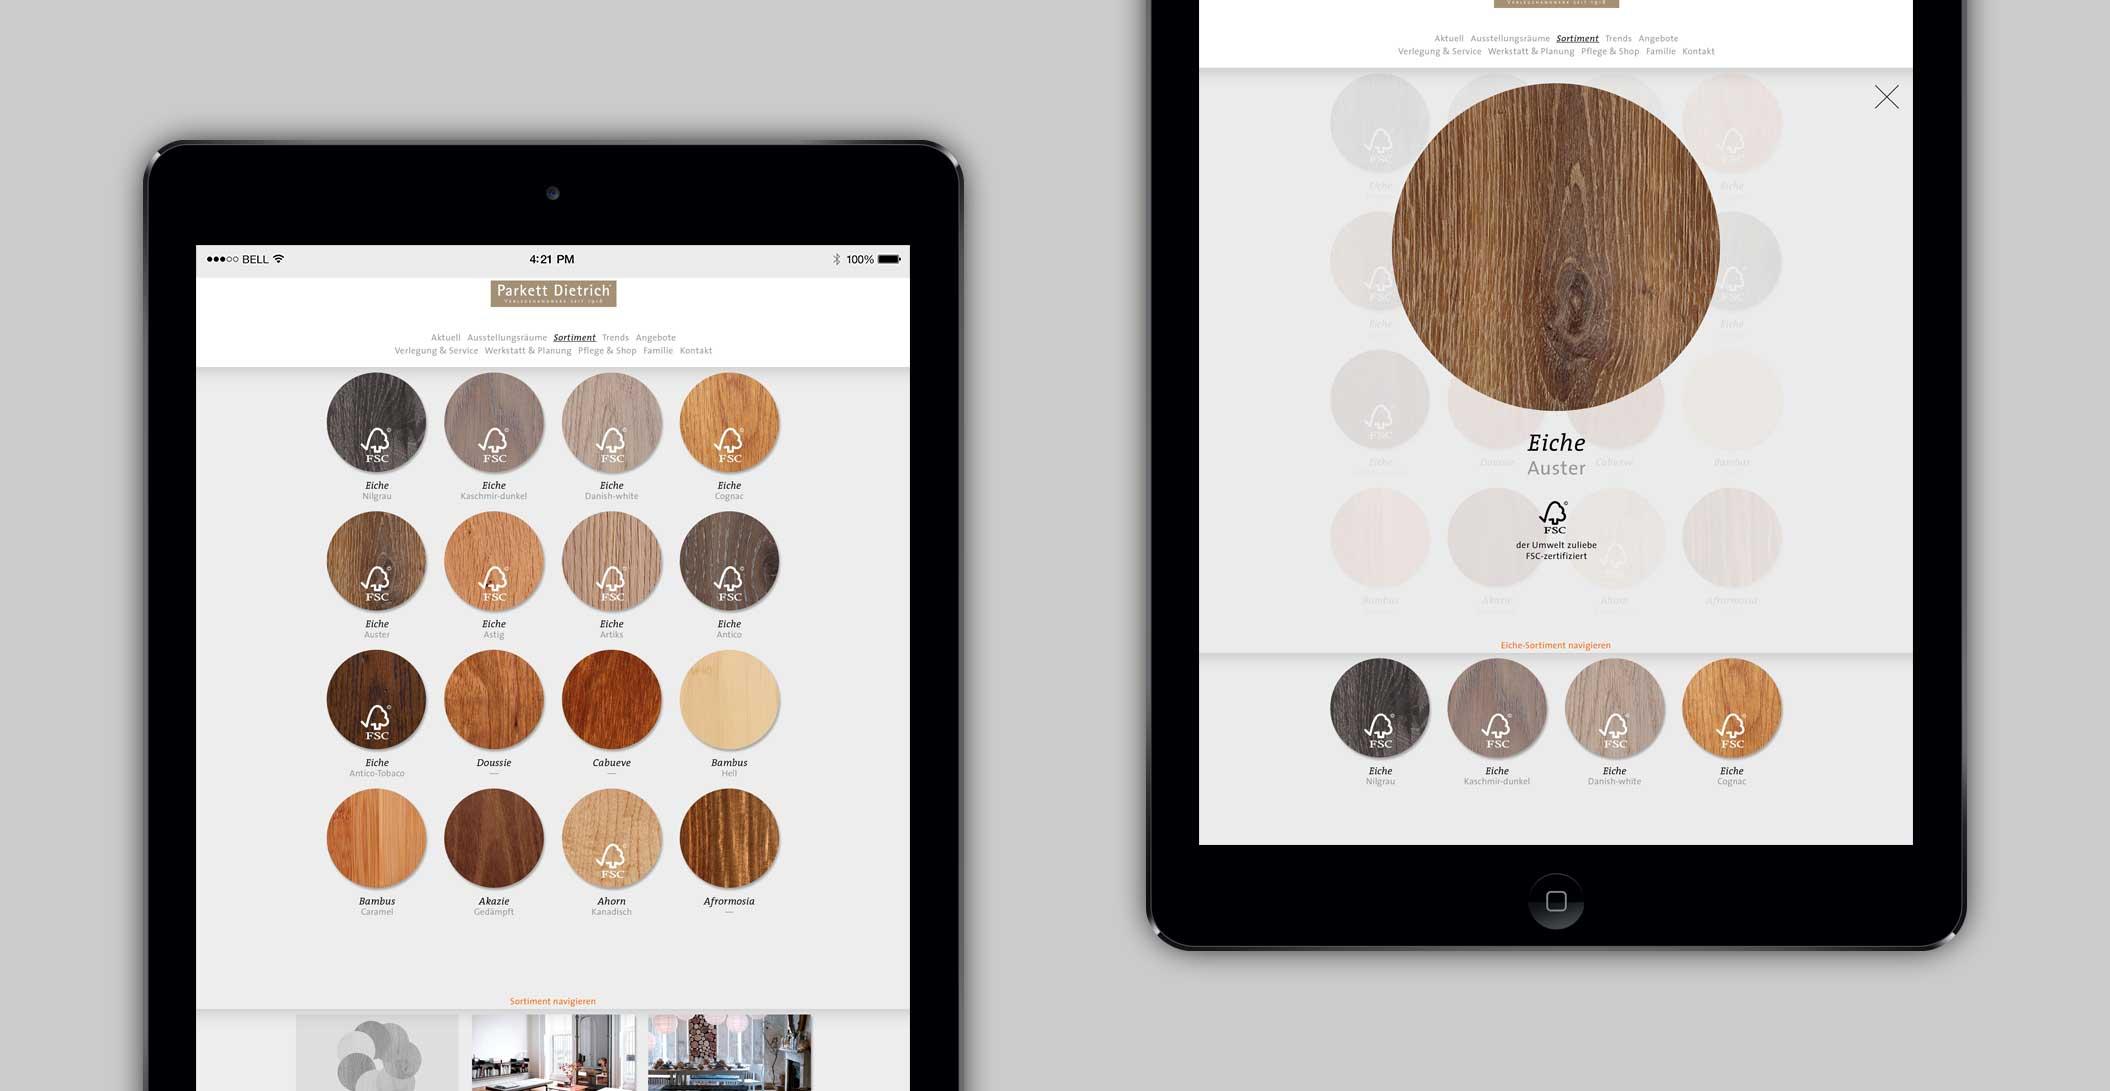 Website: Sortiment: Übersicht Holz – Parkett Dietrich, Parkett in seiner schönsten Form